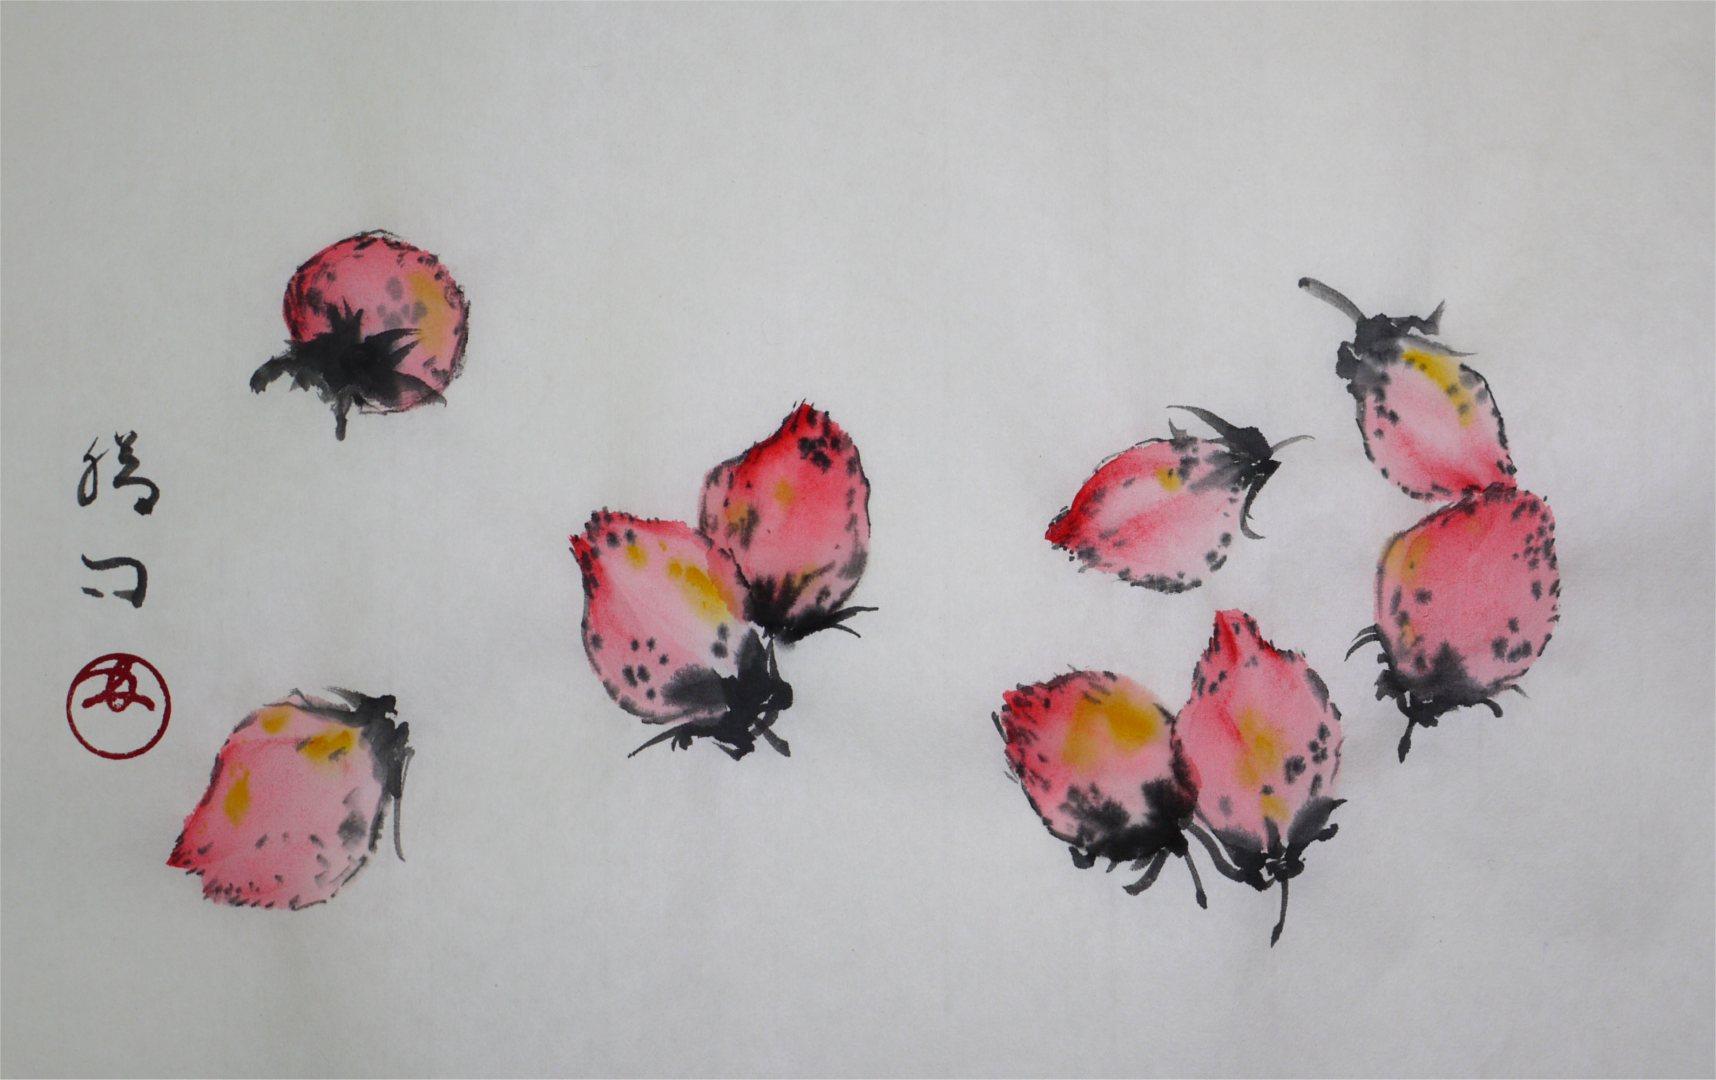 彩墨画「苺の実」福田勝司筆